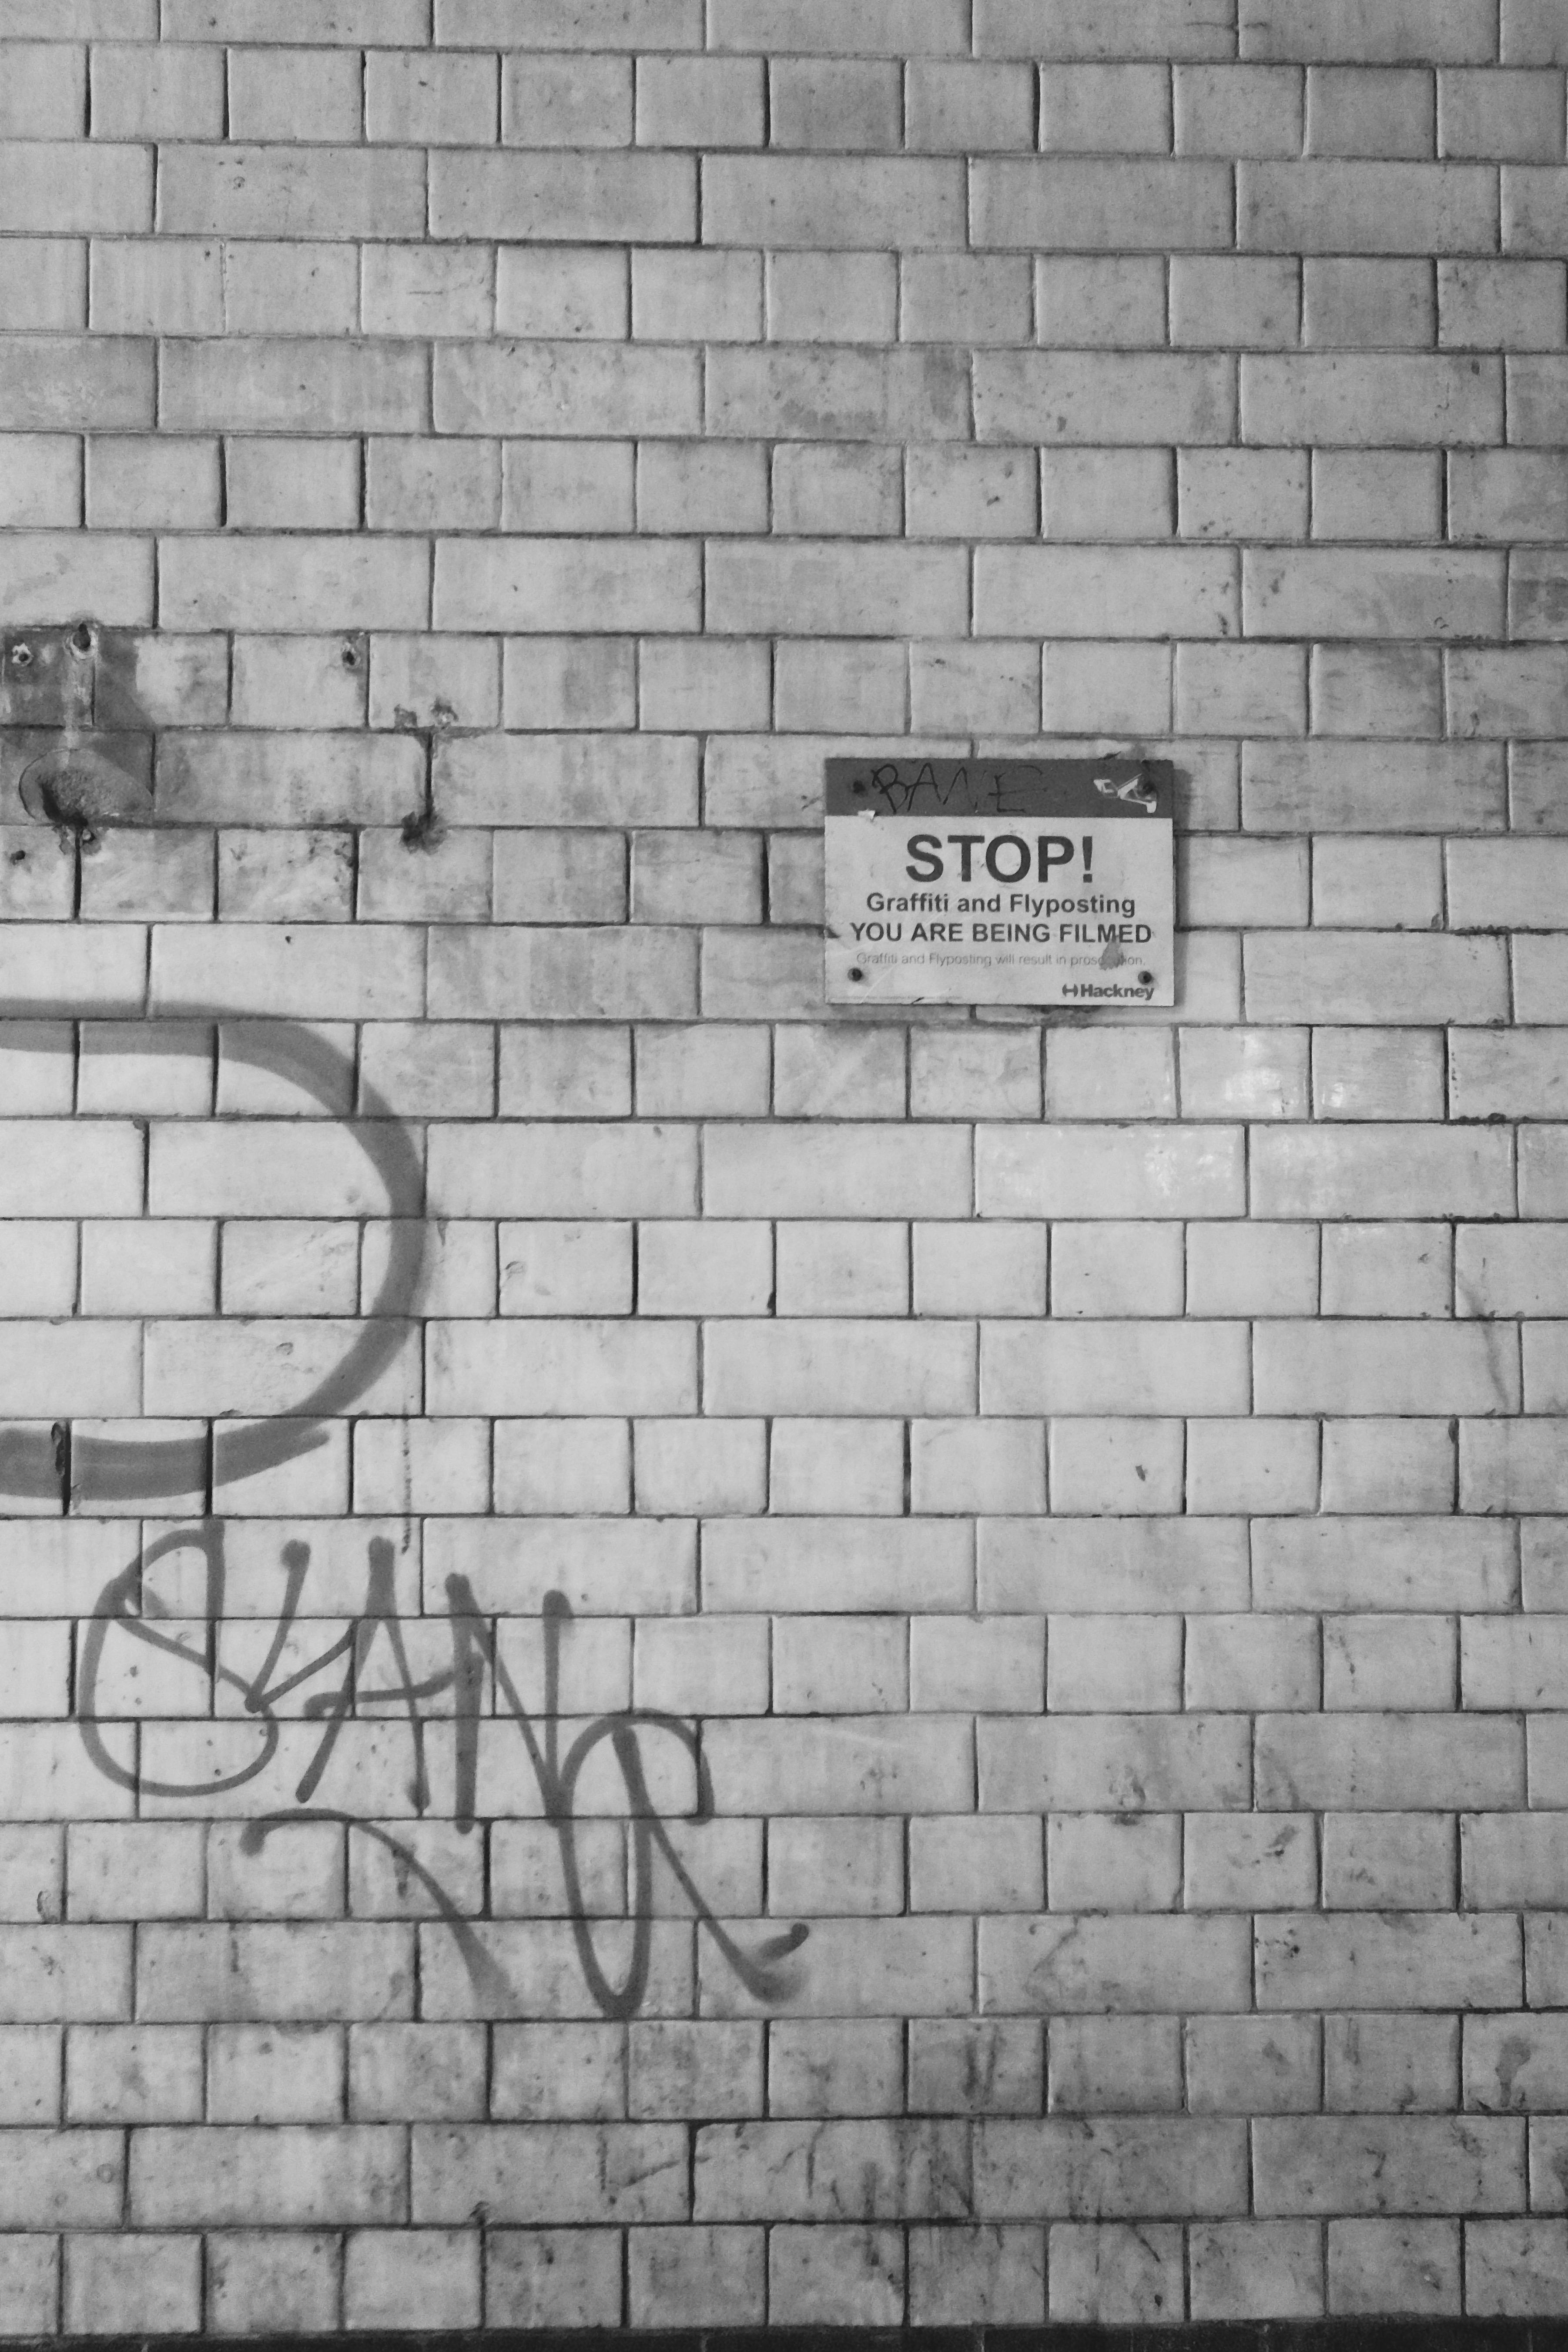 Stop Graffiti Flyposting